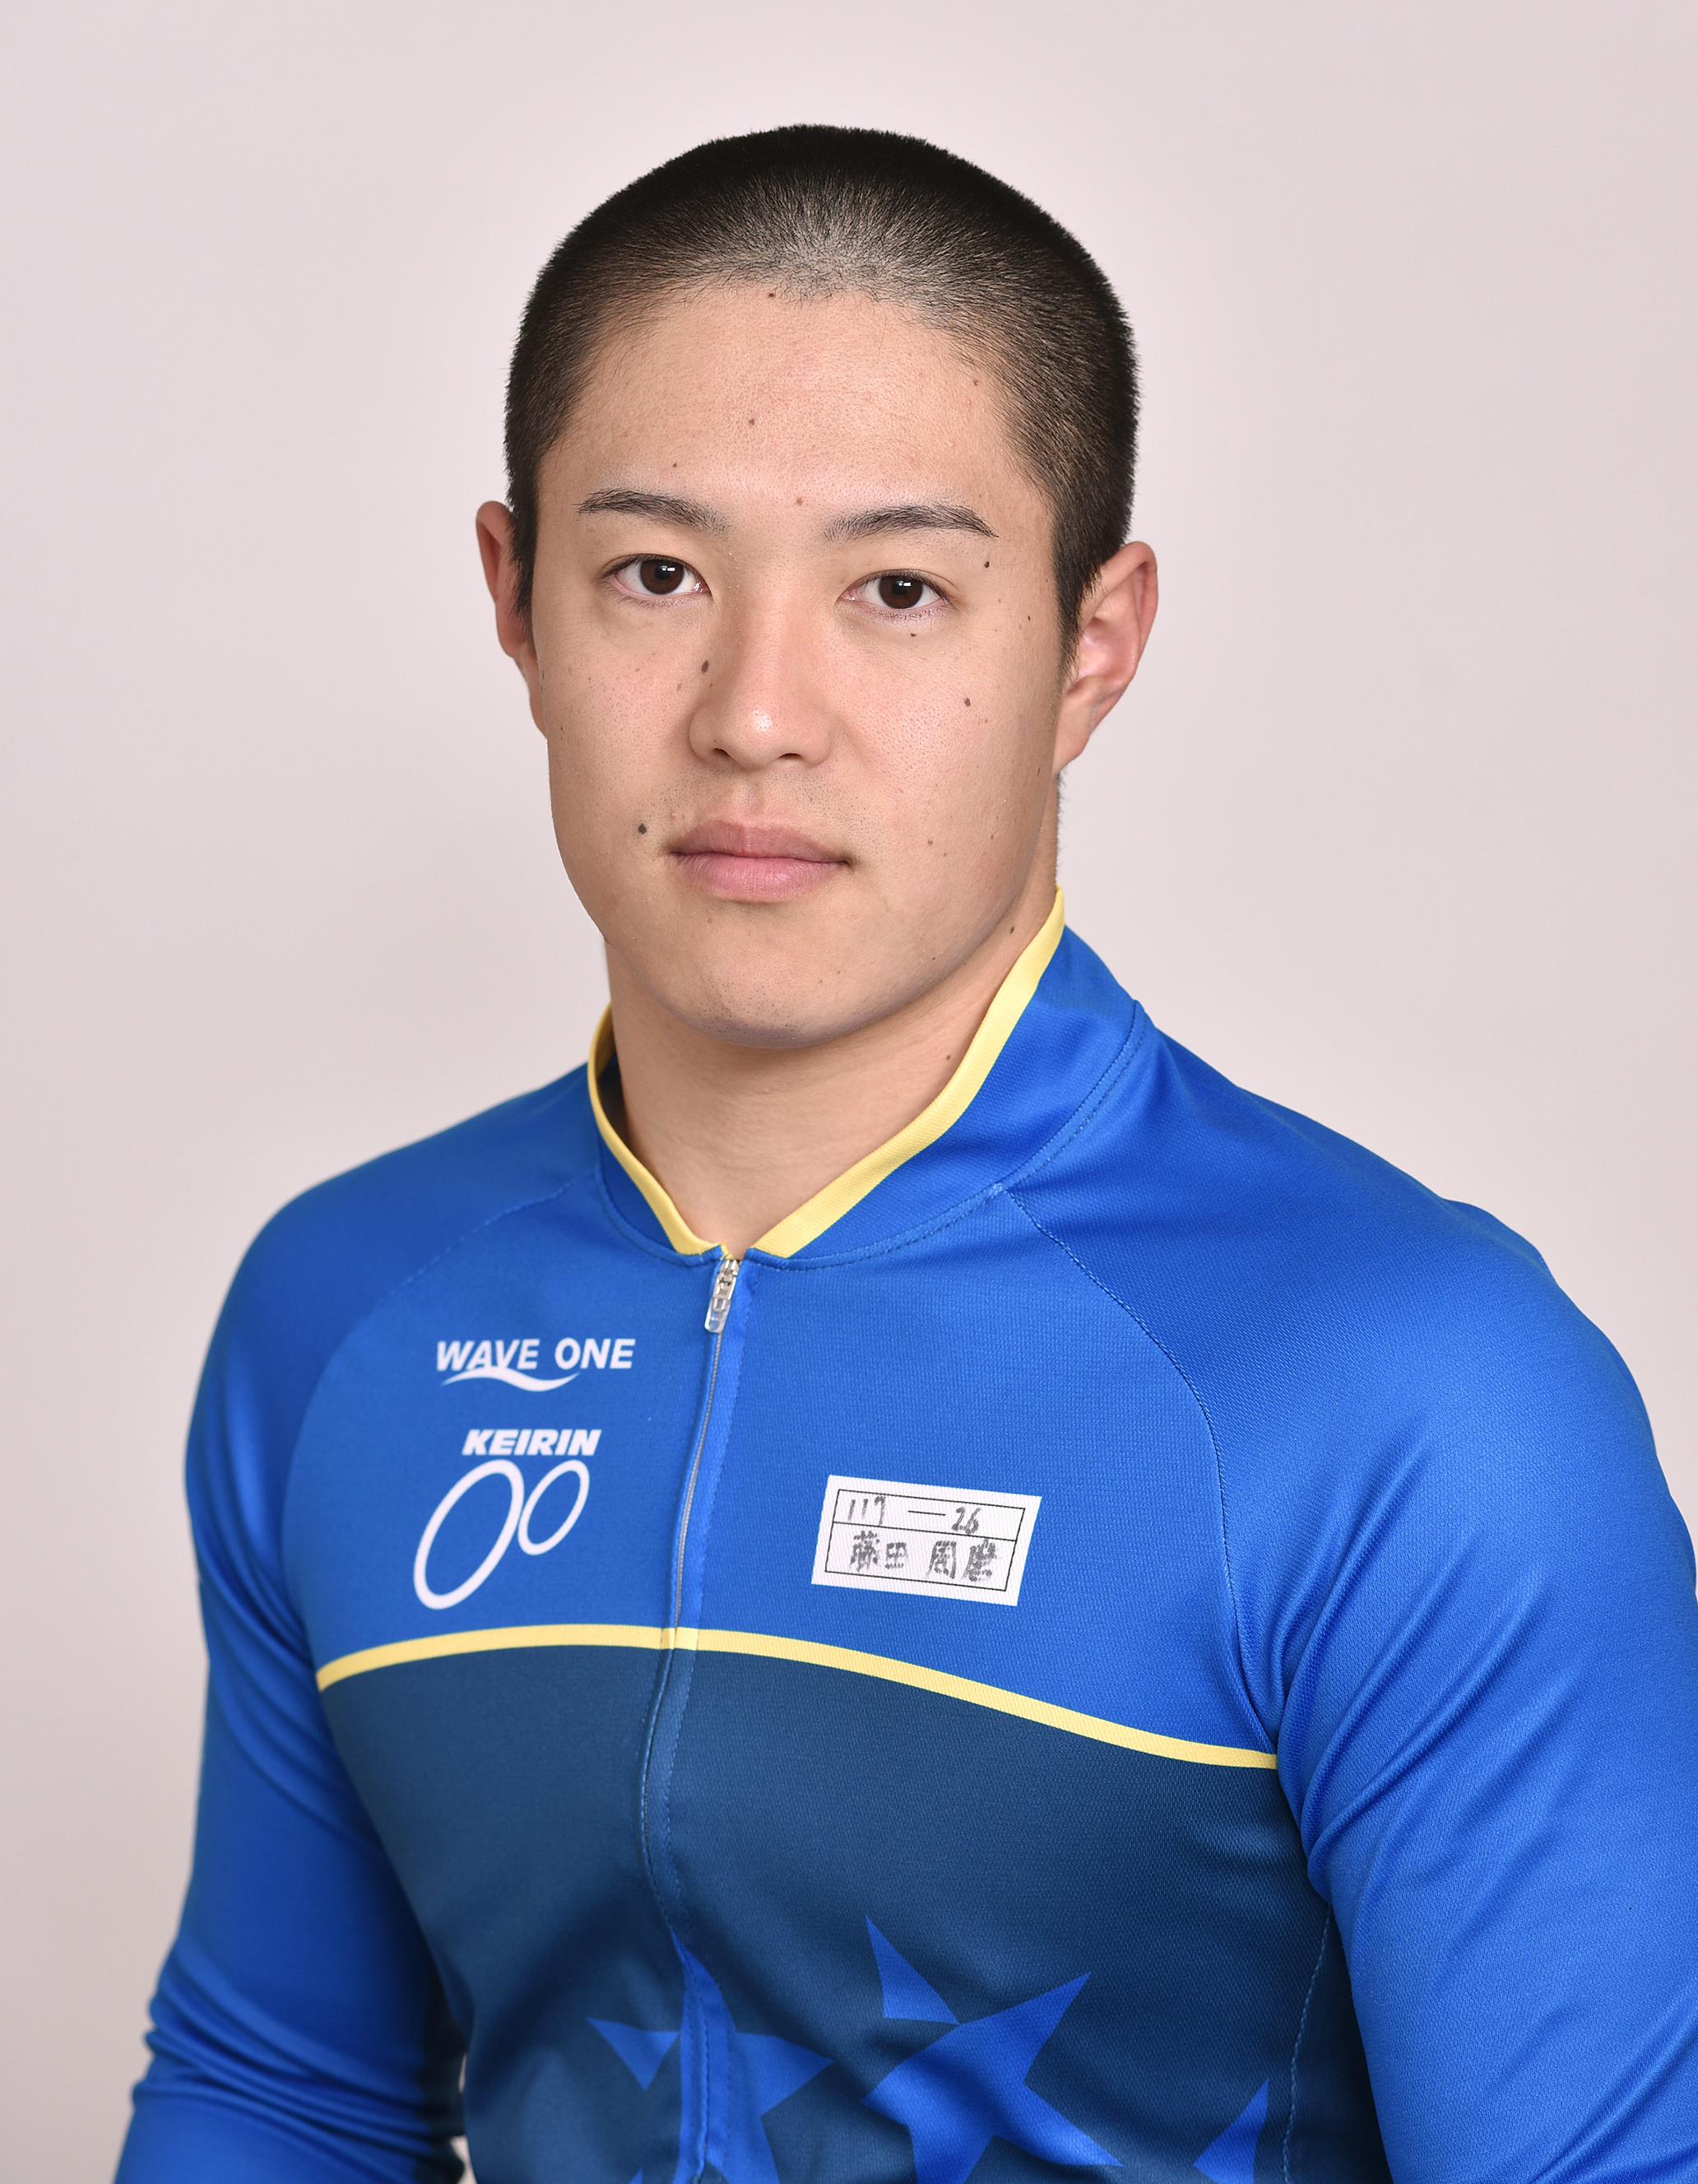 藤田 周磨 選手の顔写真